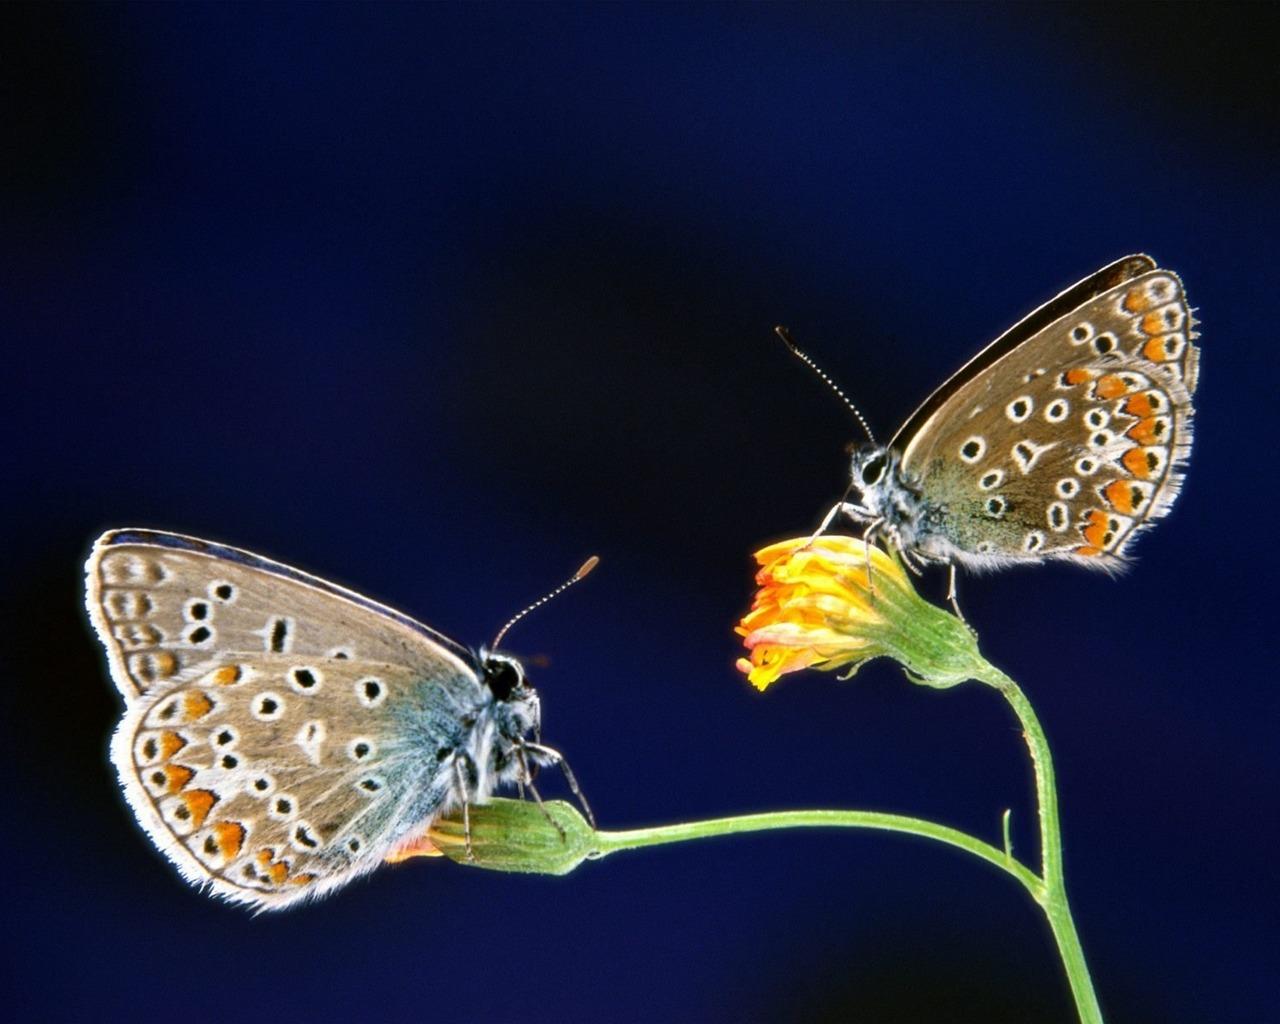 http://1.bp.blogspot.com/-iBgwnV8Desg/UMp3KIdJIqI/AAAAAAAASLE/svobUkzSLTc/s1600/Two+Butterfly+HD+Wallpapers.jpg